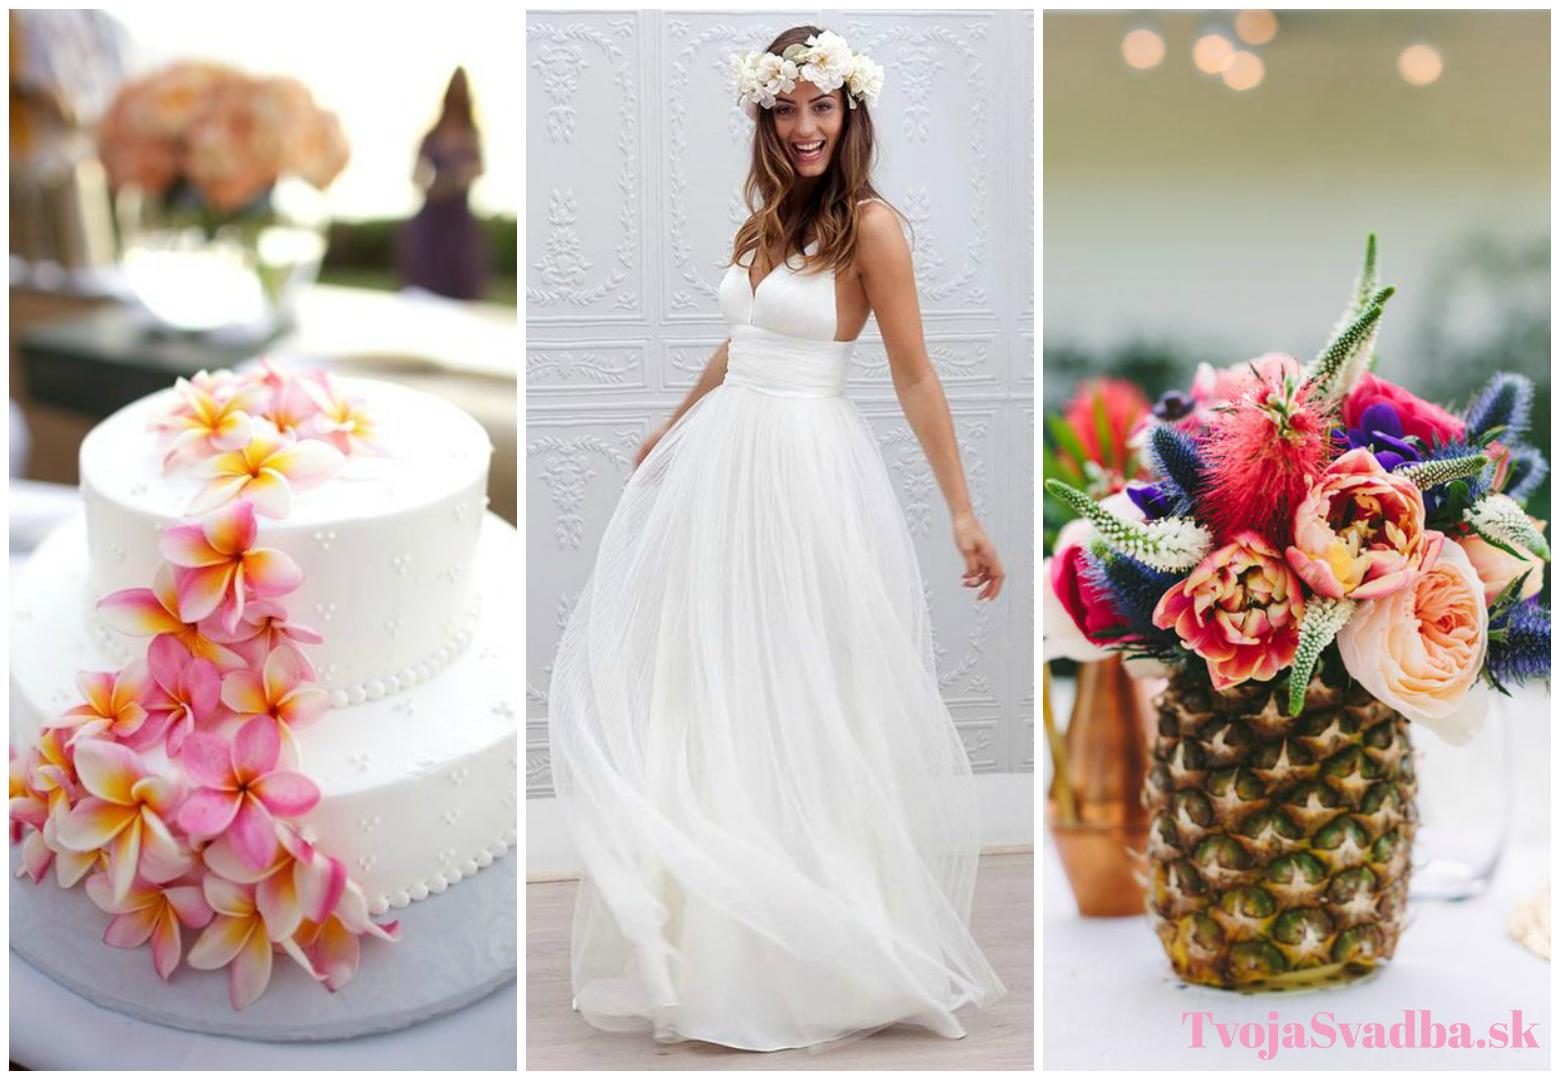 Tematická svadobná výzdoba  Aj tvoja svadba môže byť výnimočná ... 814ff3048a3